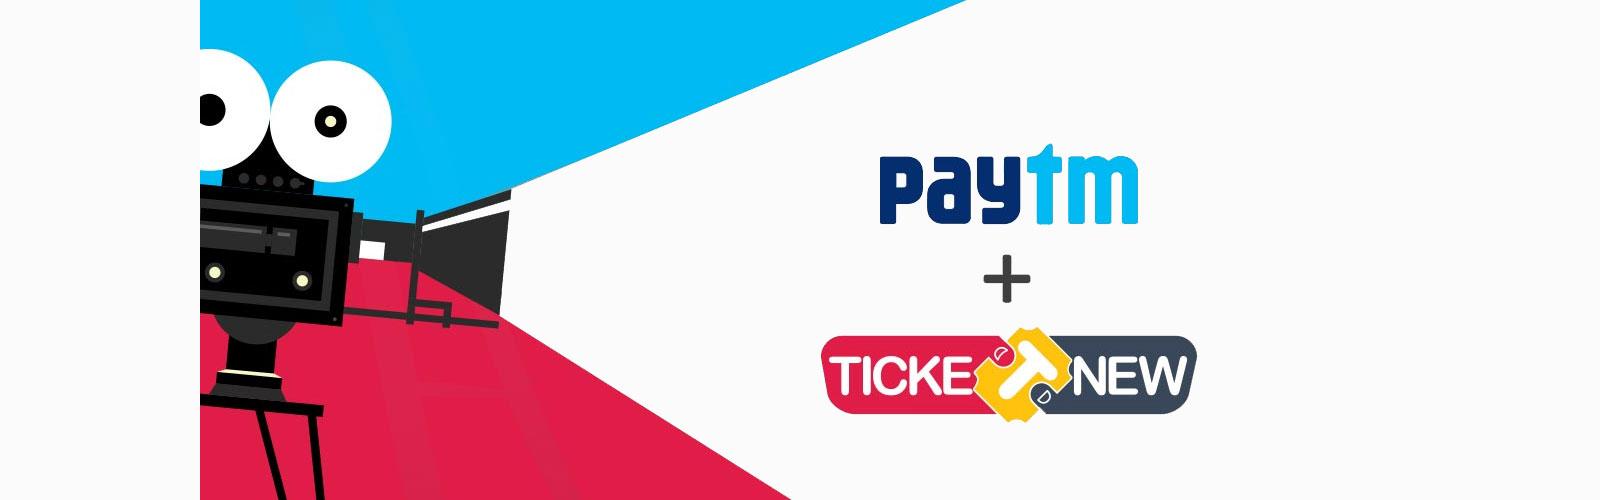 paytm-ticketnew